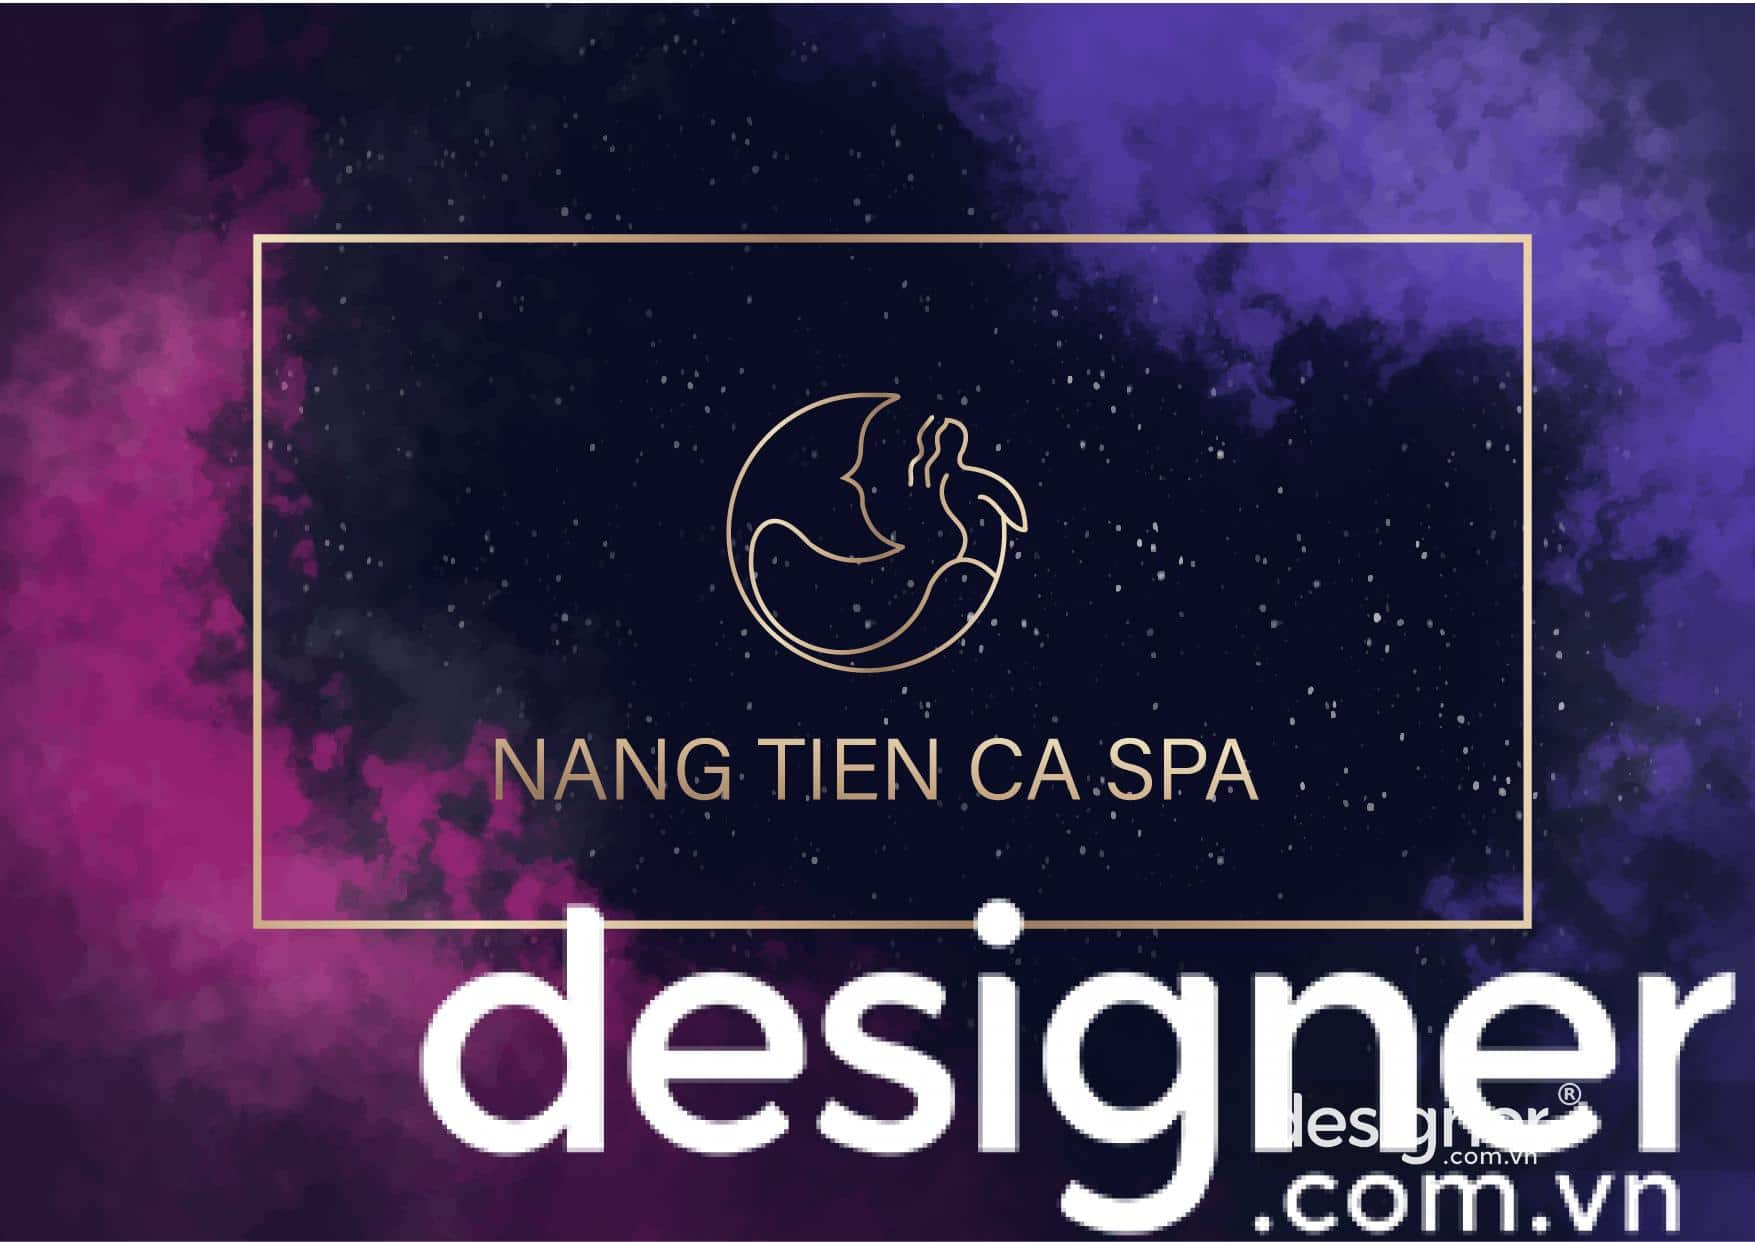 NANG TIEN CA SPA 01 1